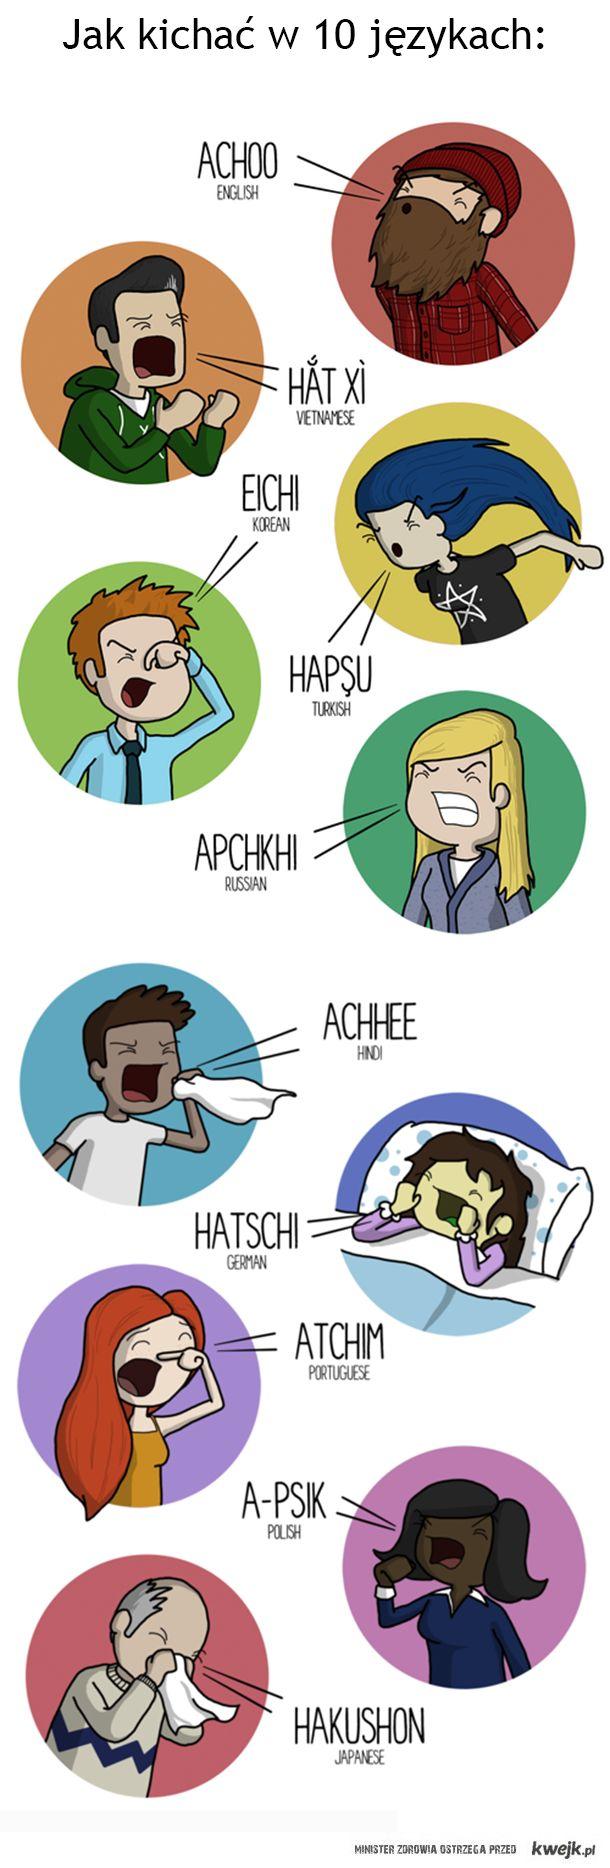 Nauka kichania w 10 językach